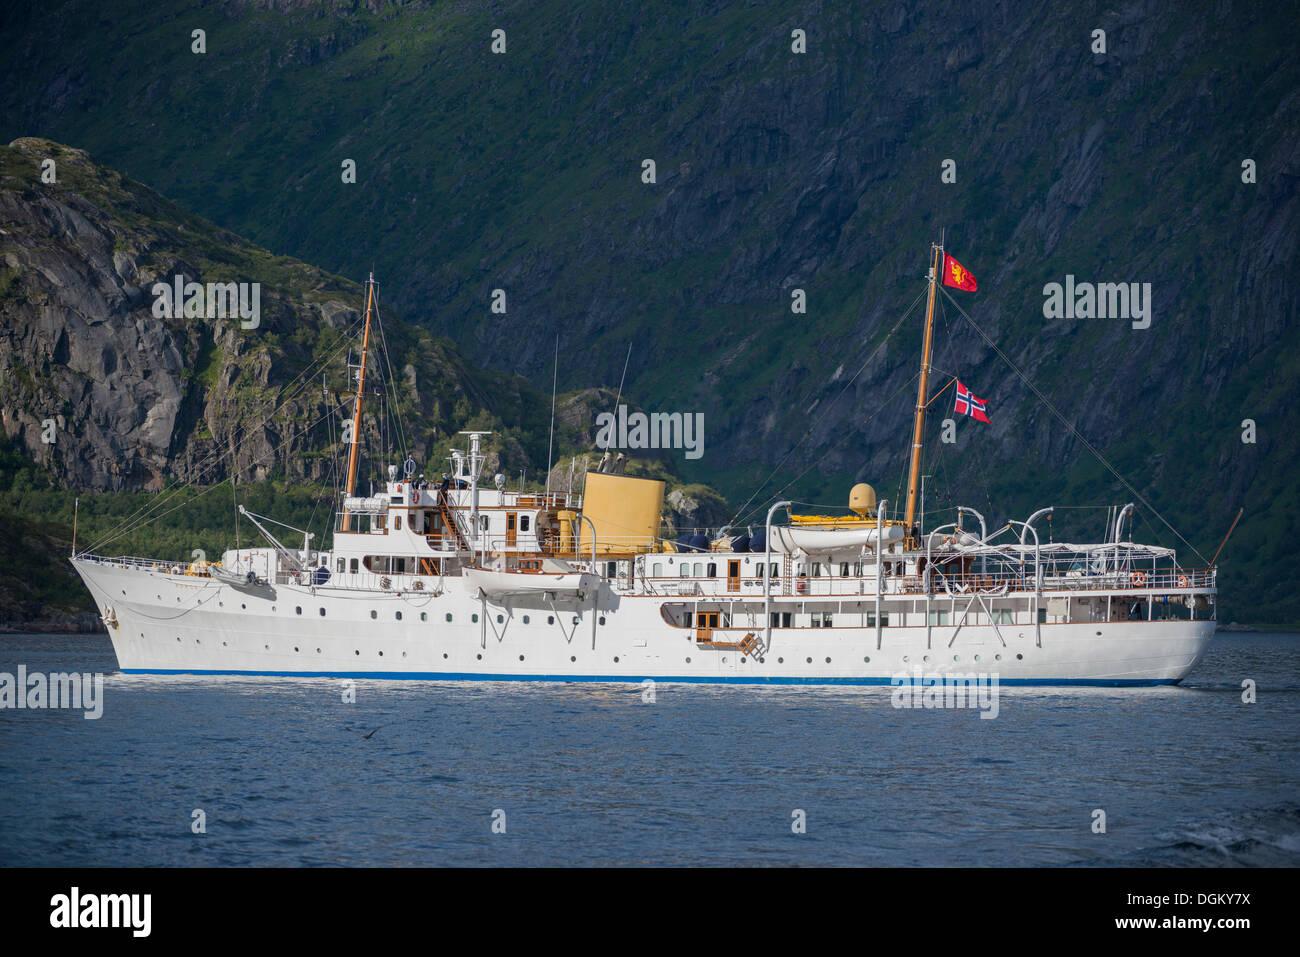 """Royal Yacht """"Norge"""" en Vestfjord, Inselgruppe Vestfjord, Lofoten, Nordland, Noruega Norte de Noruega. Imagen De Stock"""